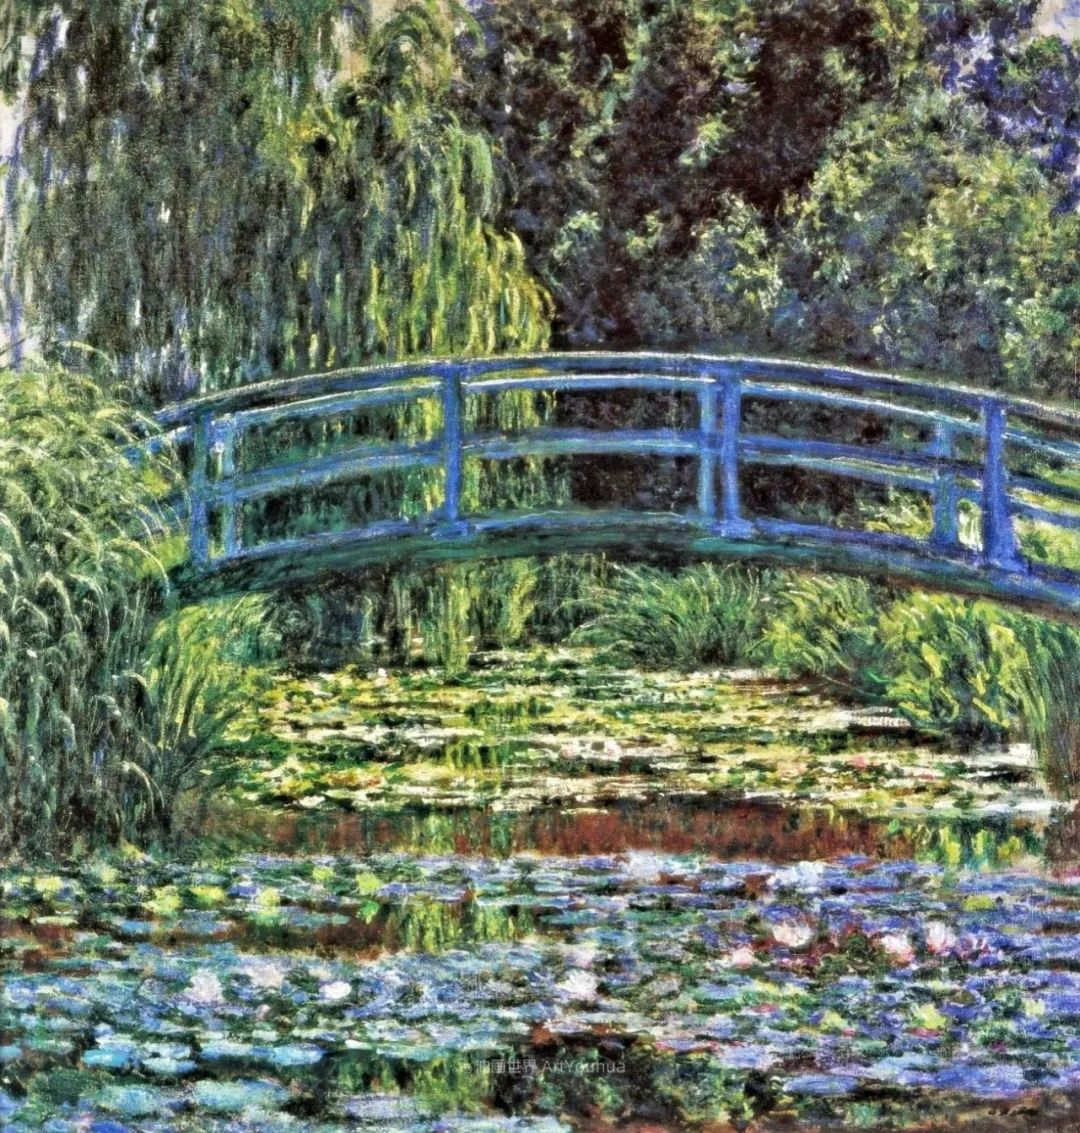 阳光四溢的色彩大师   以莫奈的花园祝你牛年欣欣向荣插图51